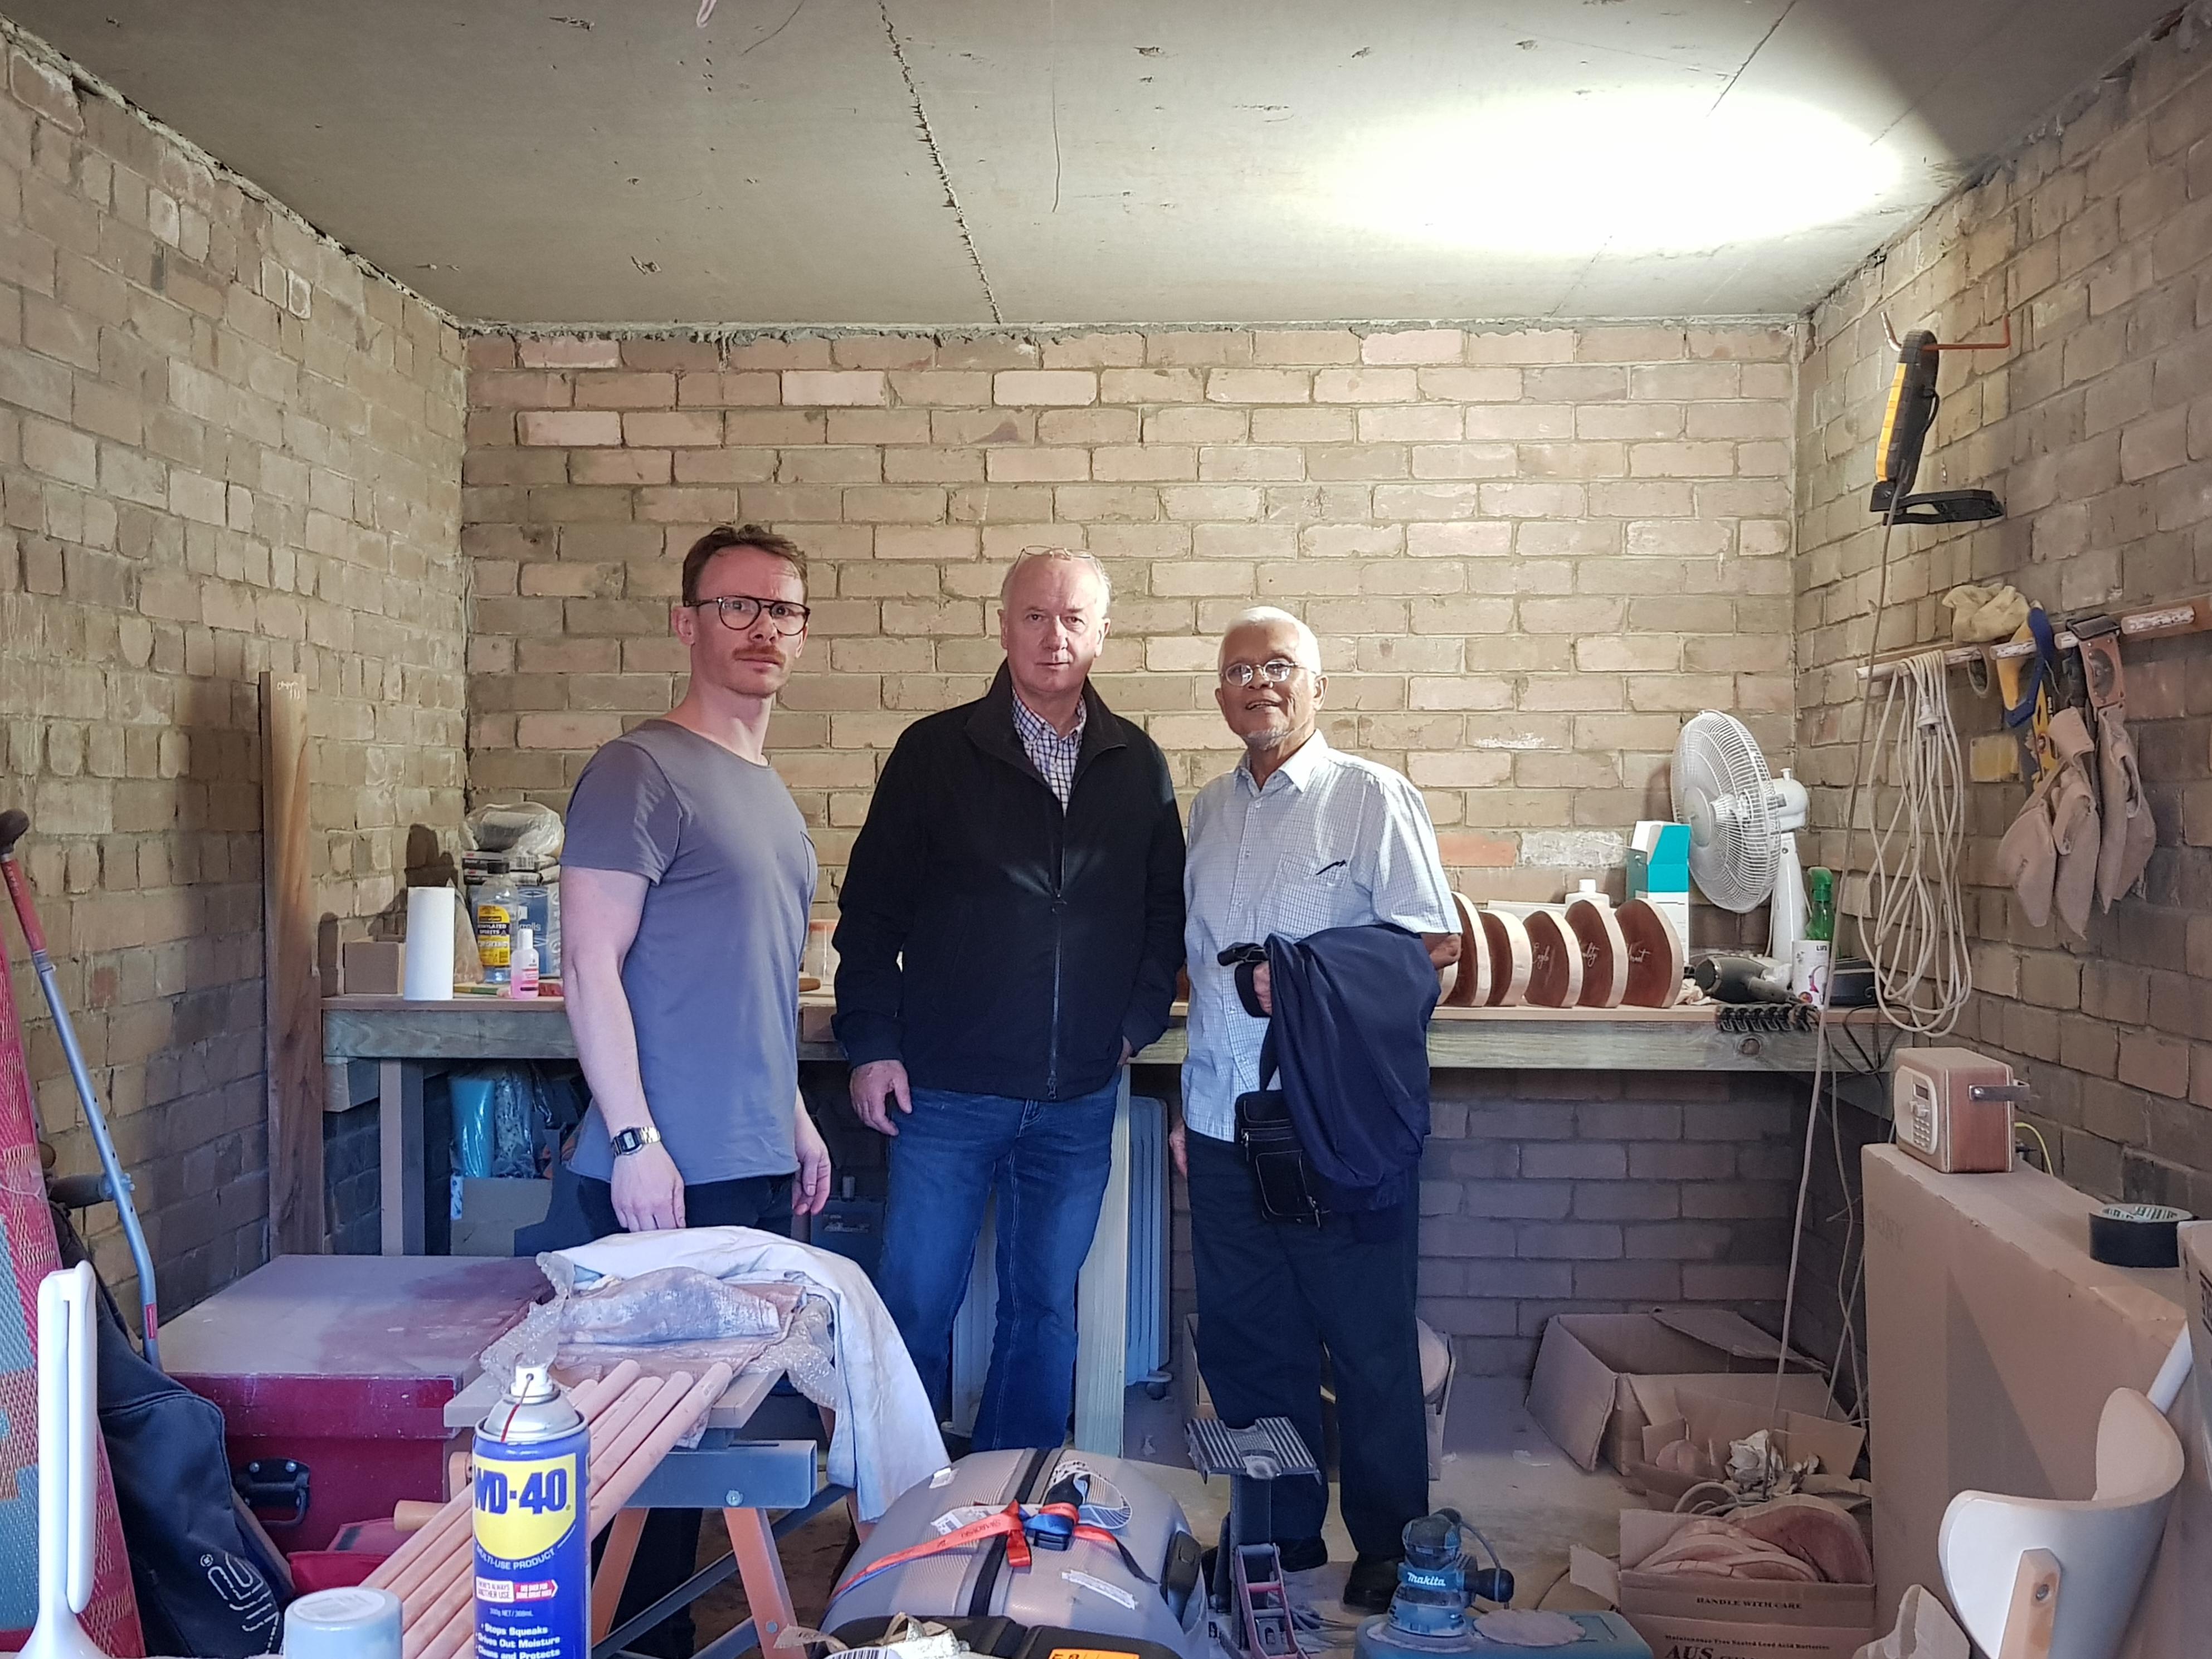 3 men in a garage